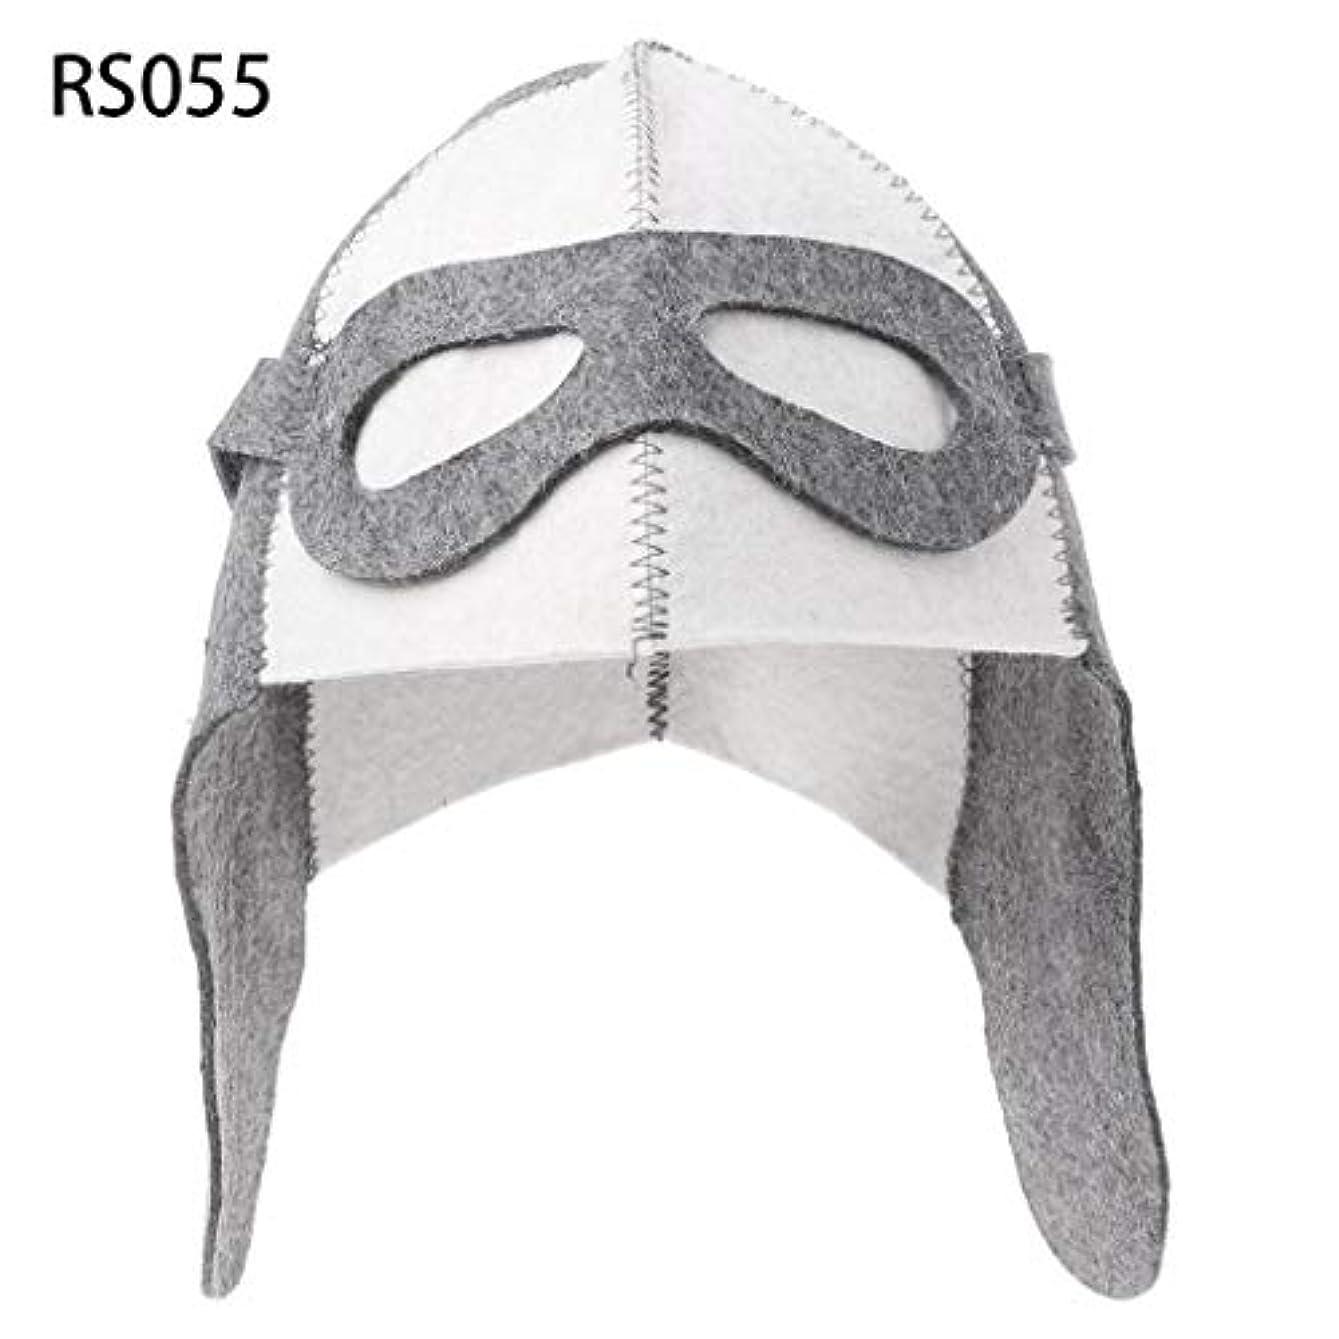 コード考えるシャープLANDUMのウールのフェルトのサウナの帽子、浴室の家の頭部の保護のための反熱ロシアのバニヤ帽子